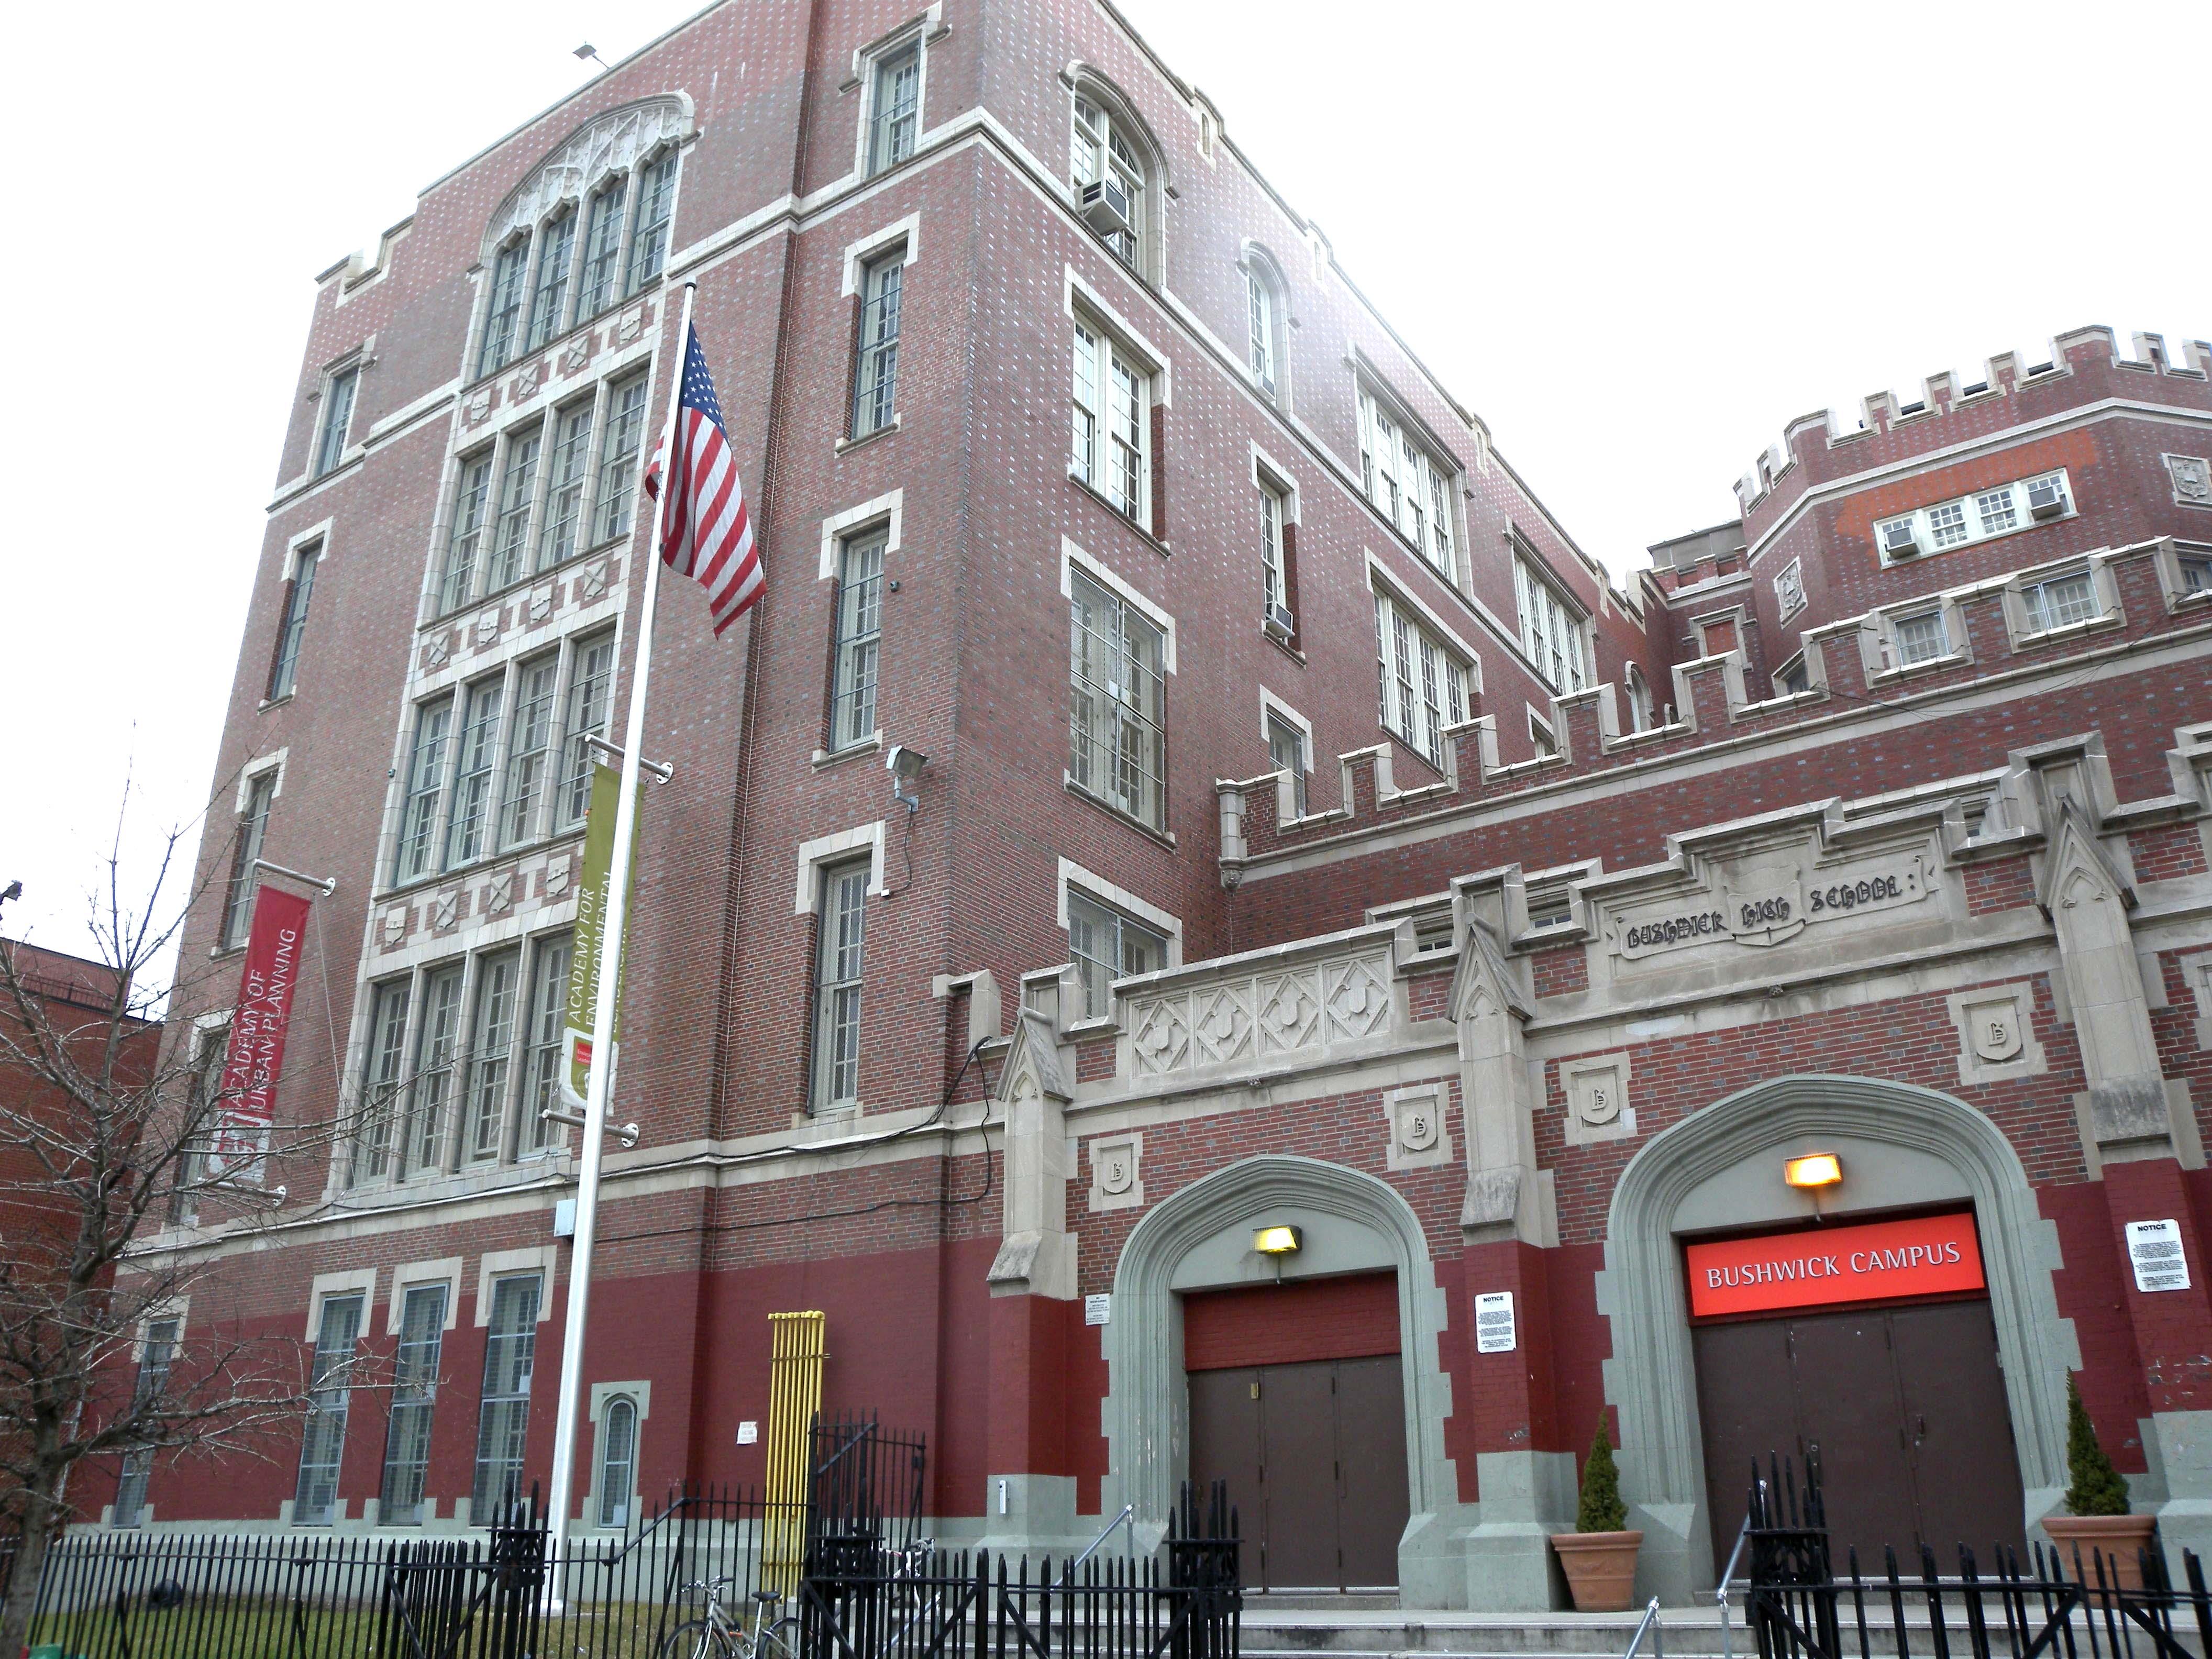 Bushwick School for Social Justice - Wikipedia